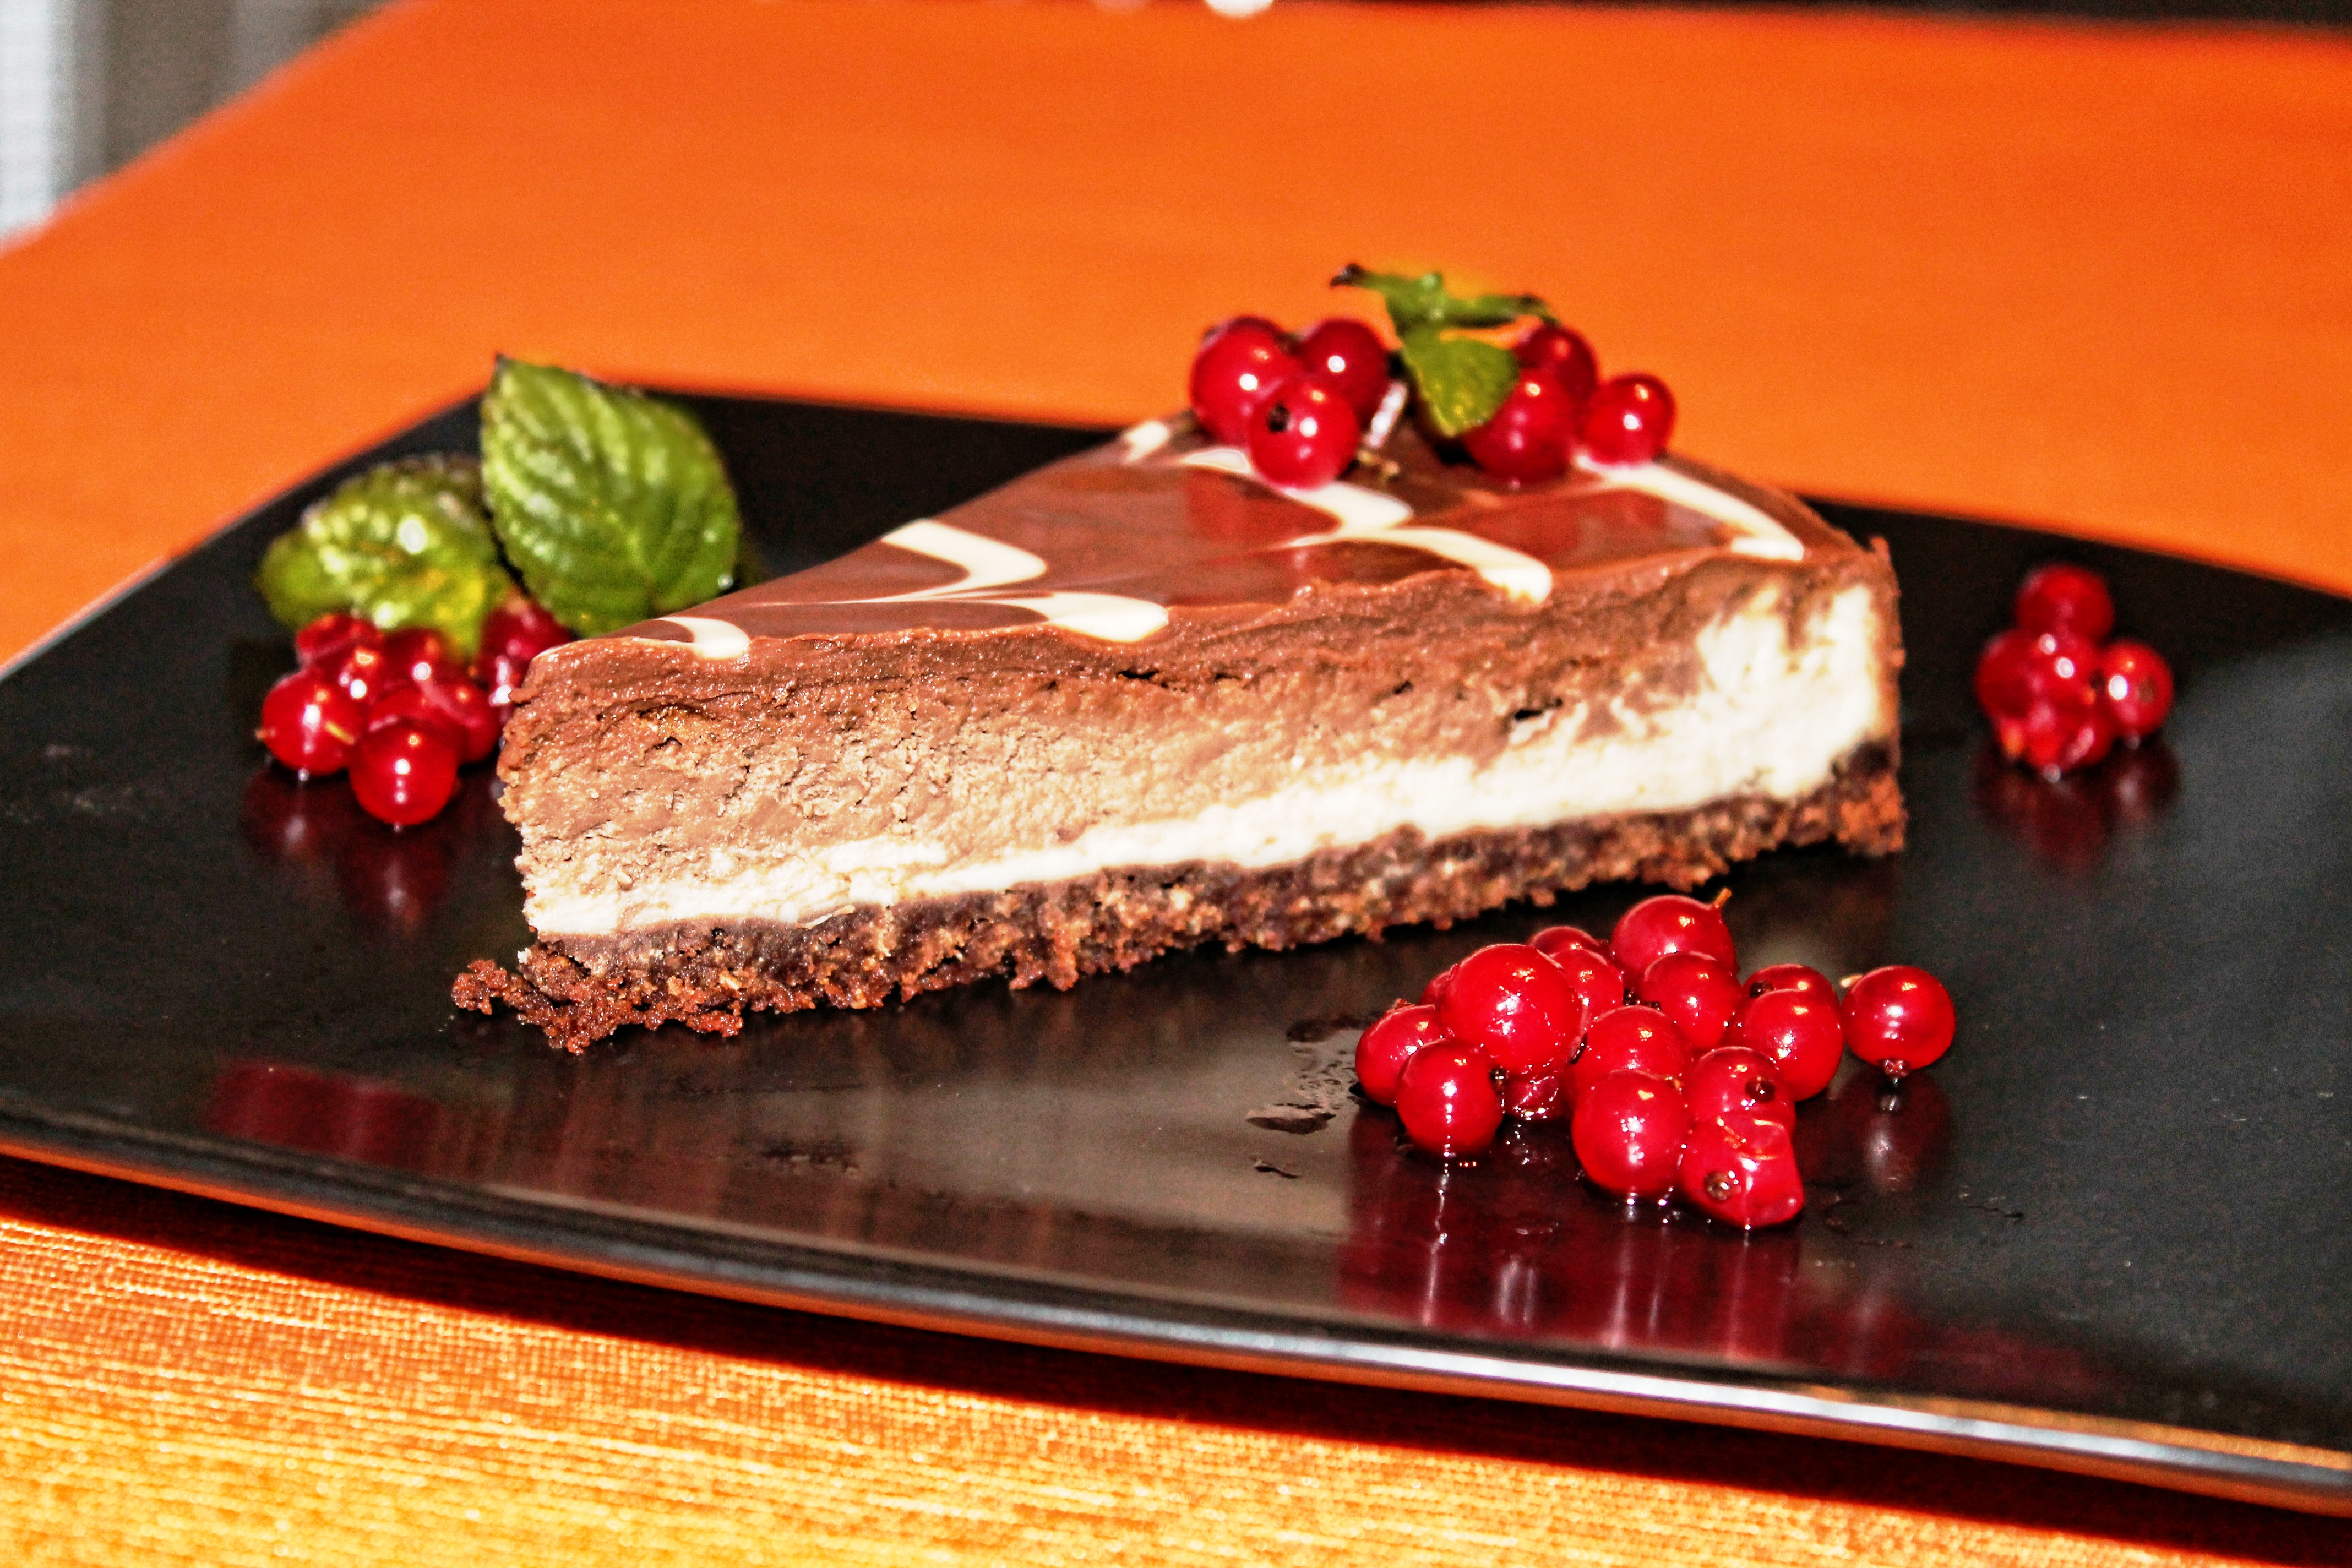 Free stock photo of cheesecake, choco, chocolate